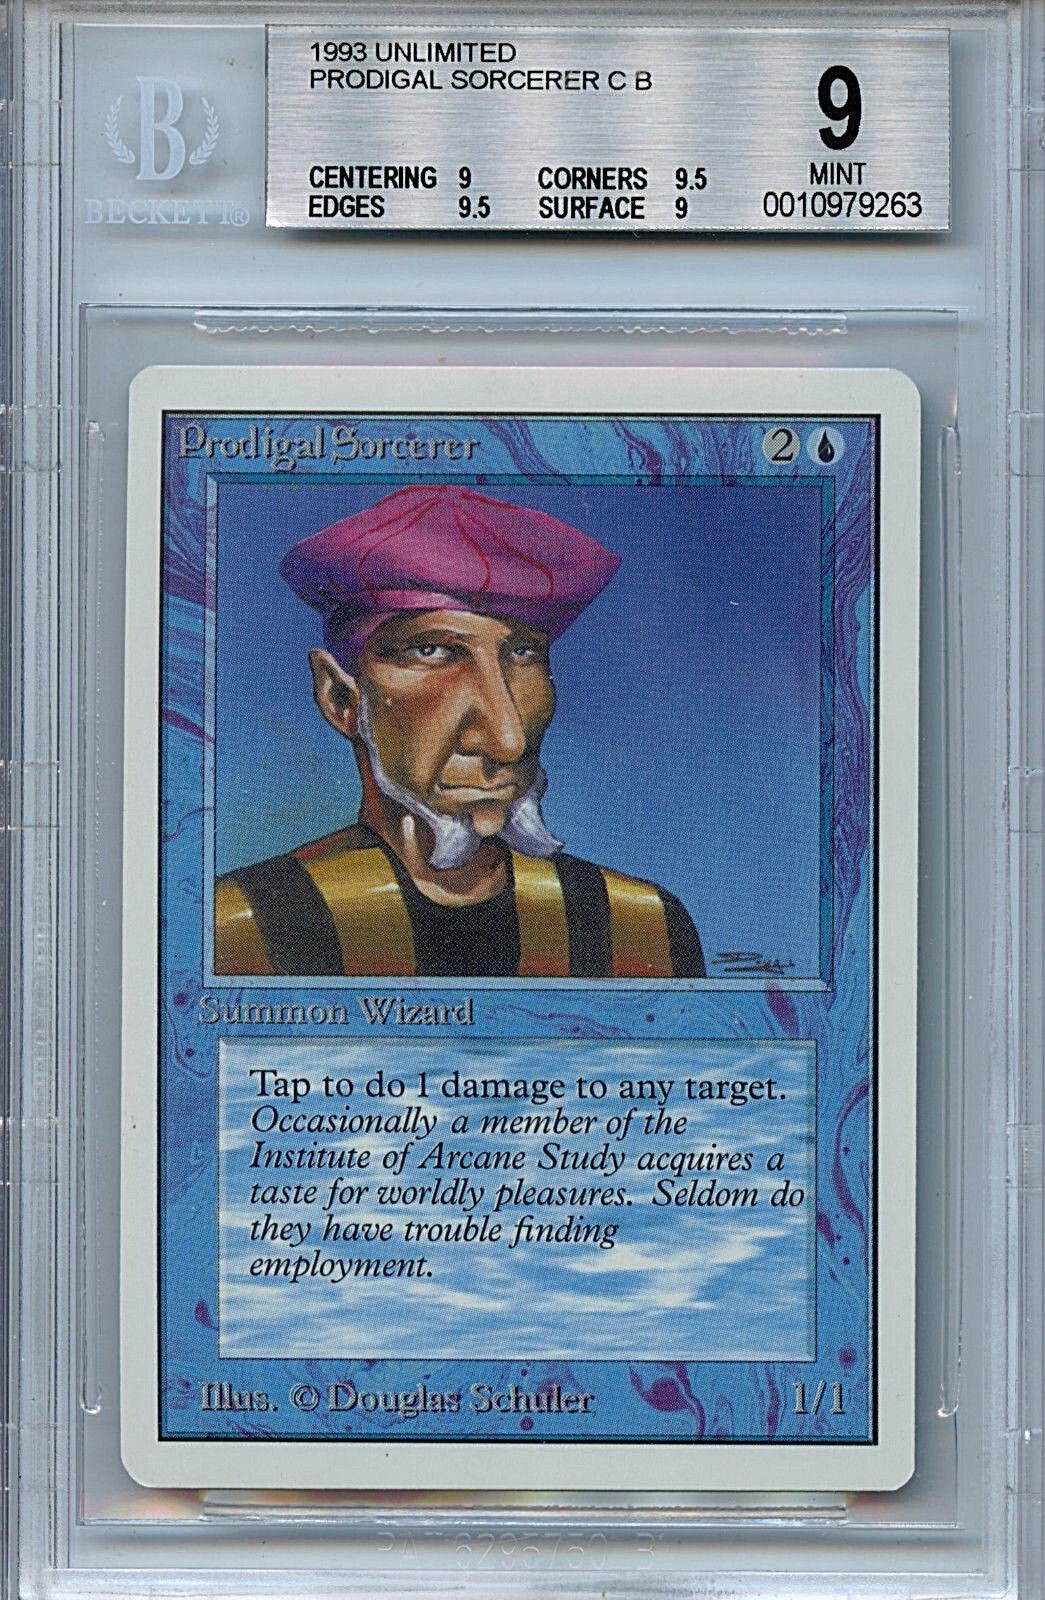 Mtg unbegrenzte abtrnnige zauberer bgs (9), 0 (9) - karte amricons 9263 magie